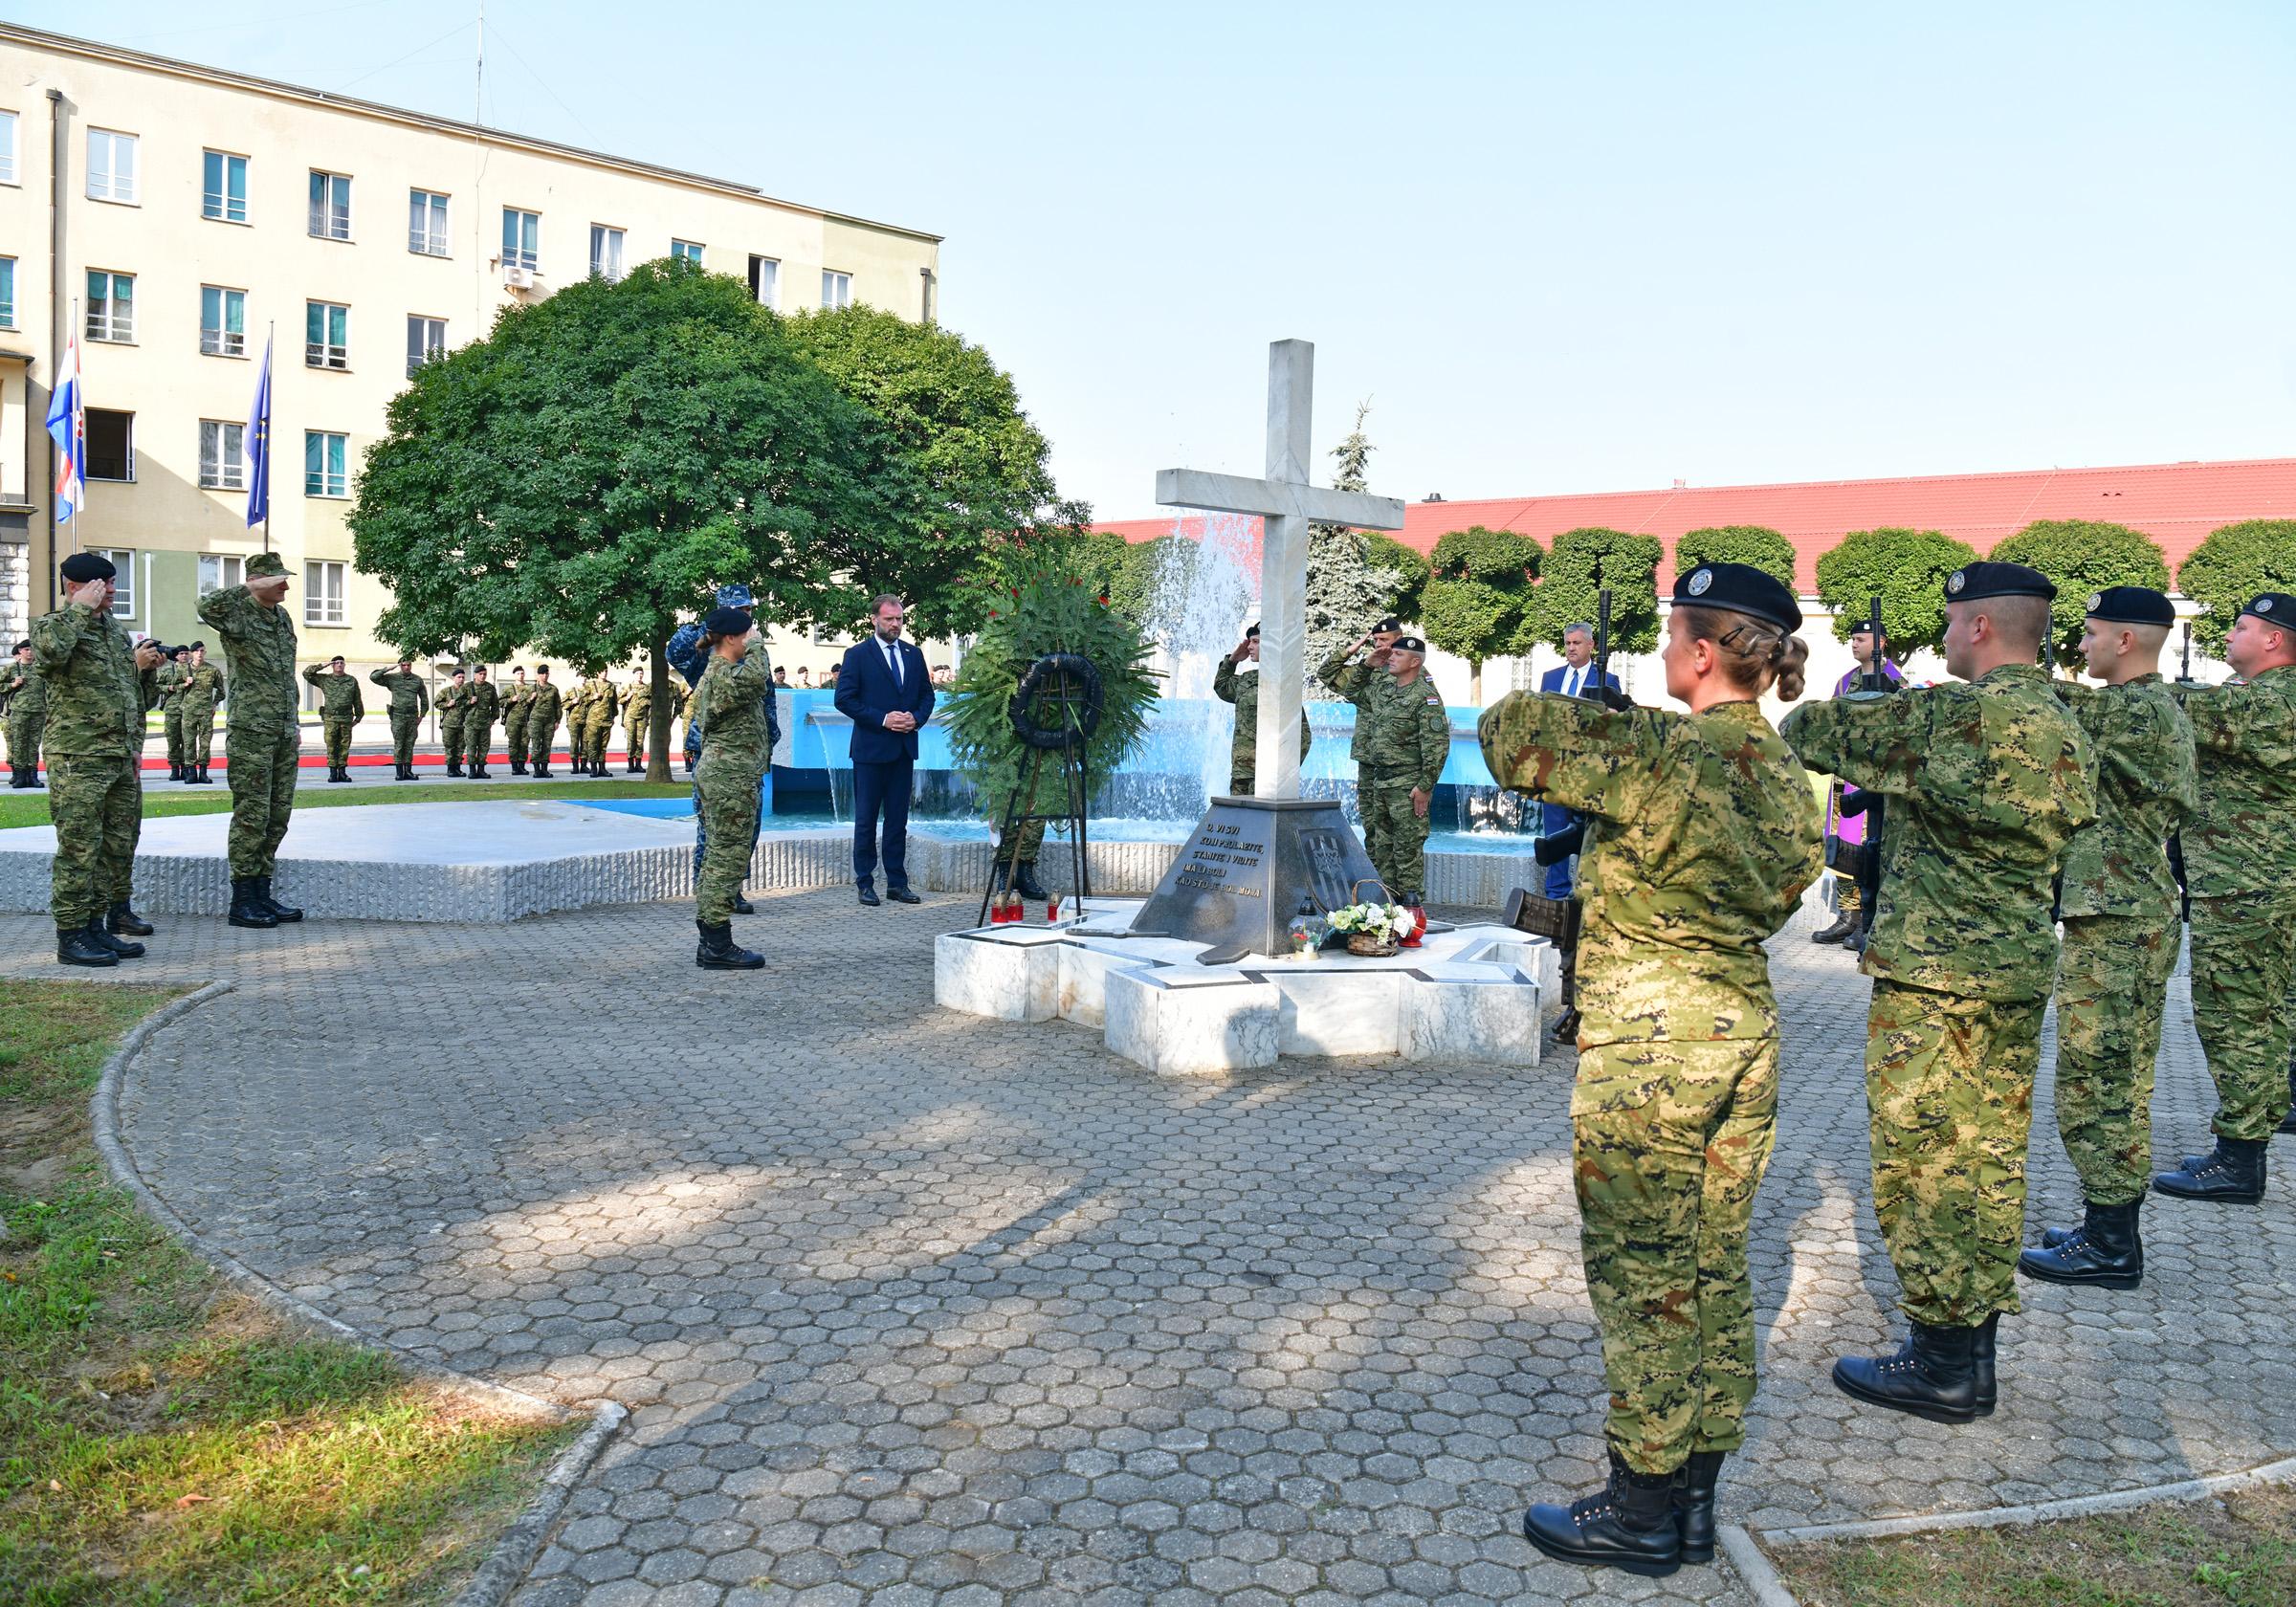 Ministar Banožić i Načelnik GS OS RH admiral Hranj u Zapovjedništvu Hrvatske kopnene vojske